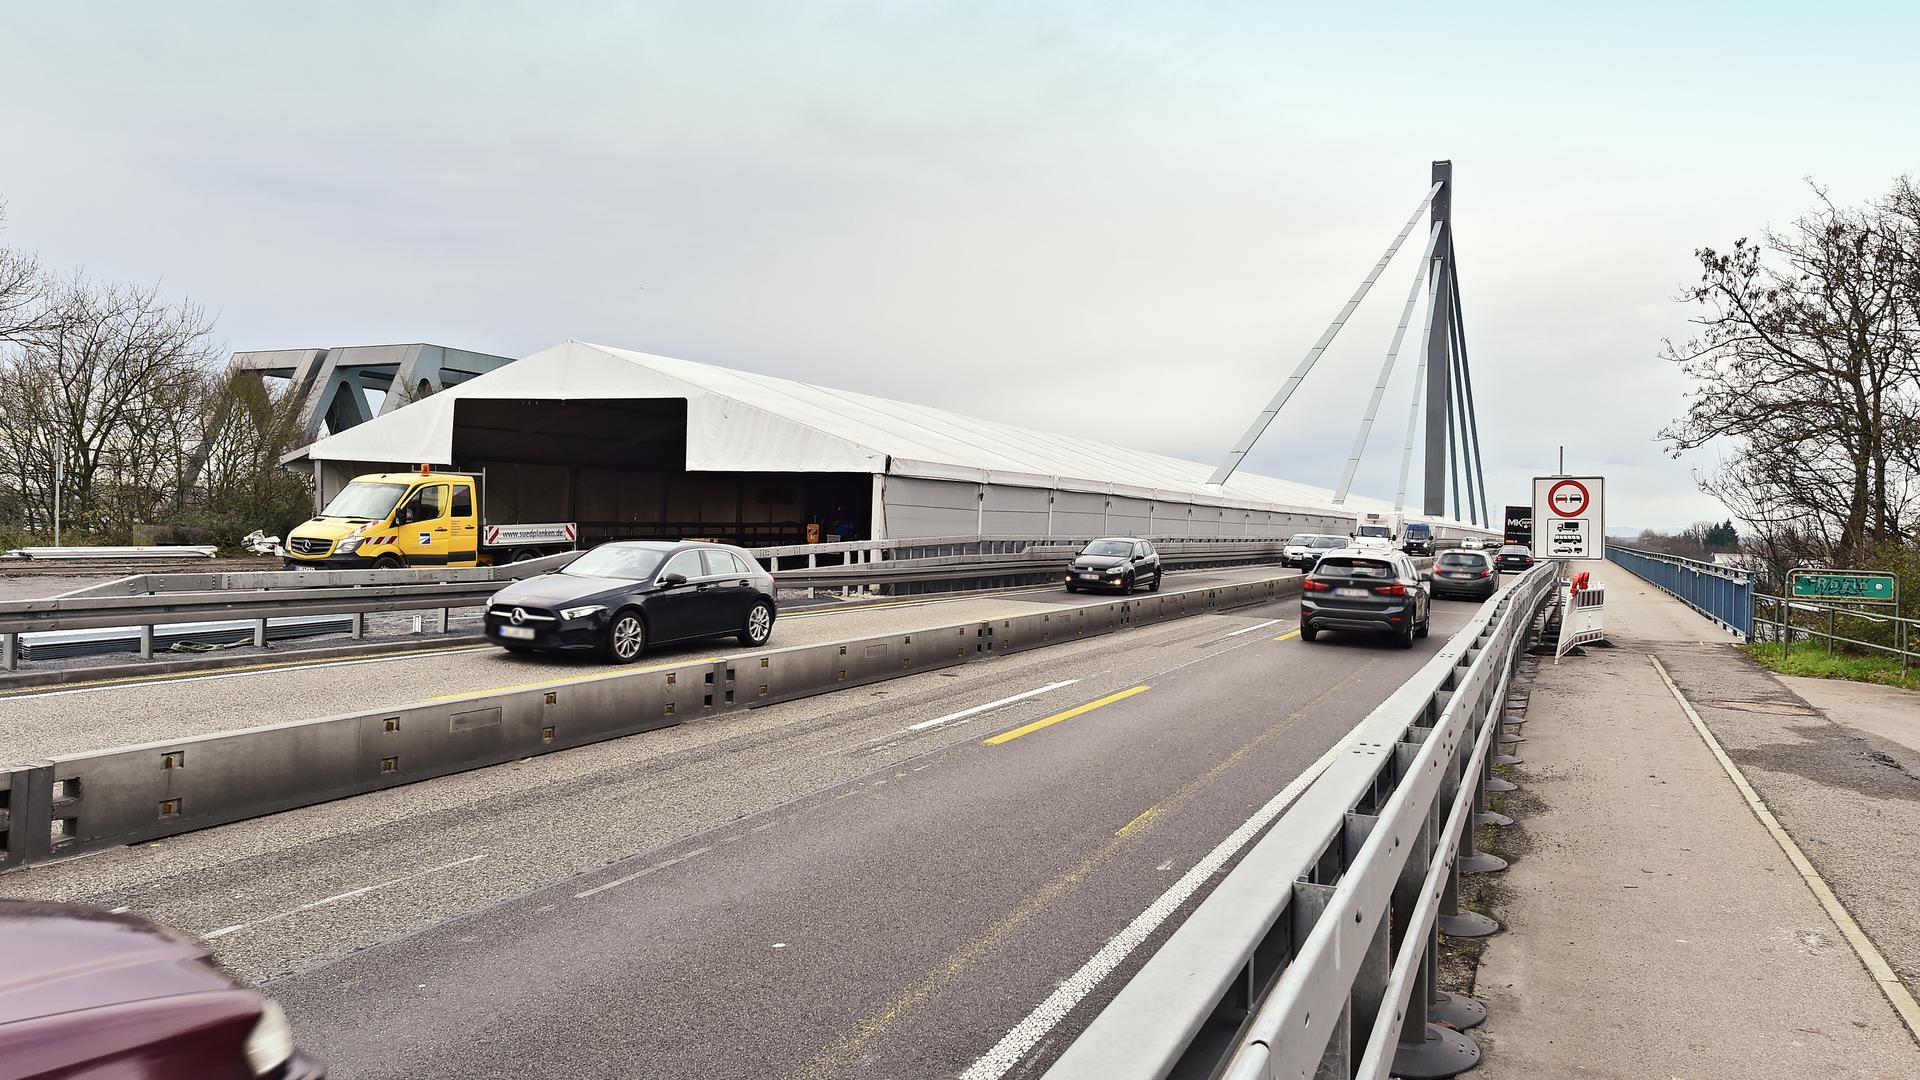 Das Zelt verschwindet von der Fahrbahn der Rheinbrücke. Somit ist diese ab 29. Dezember wieder komplett frei für den Verkehr.